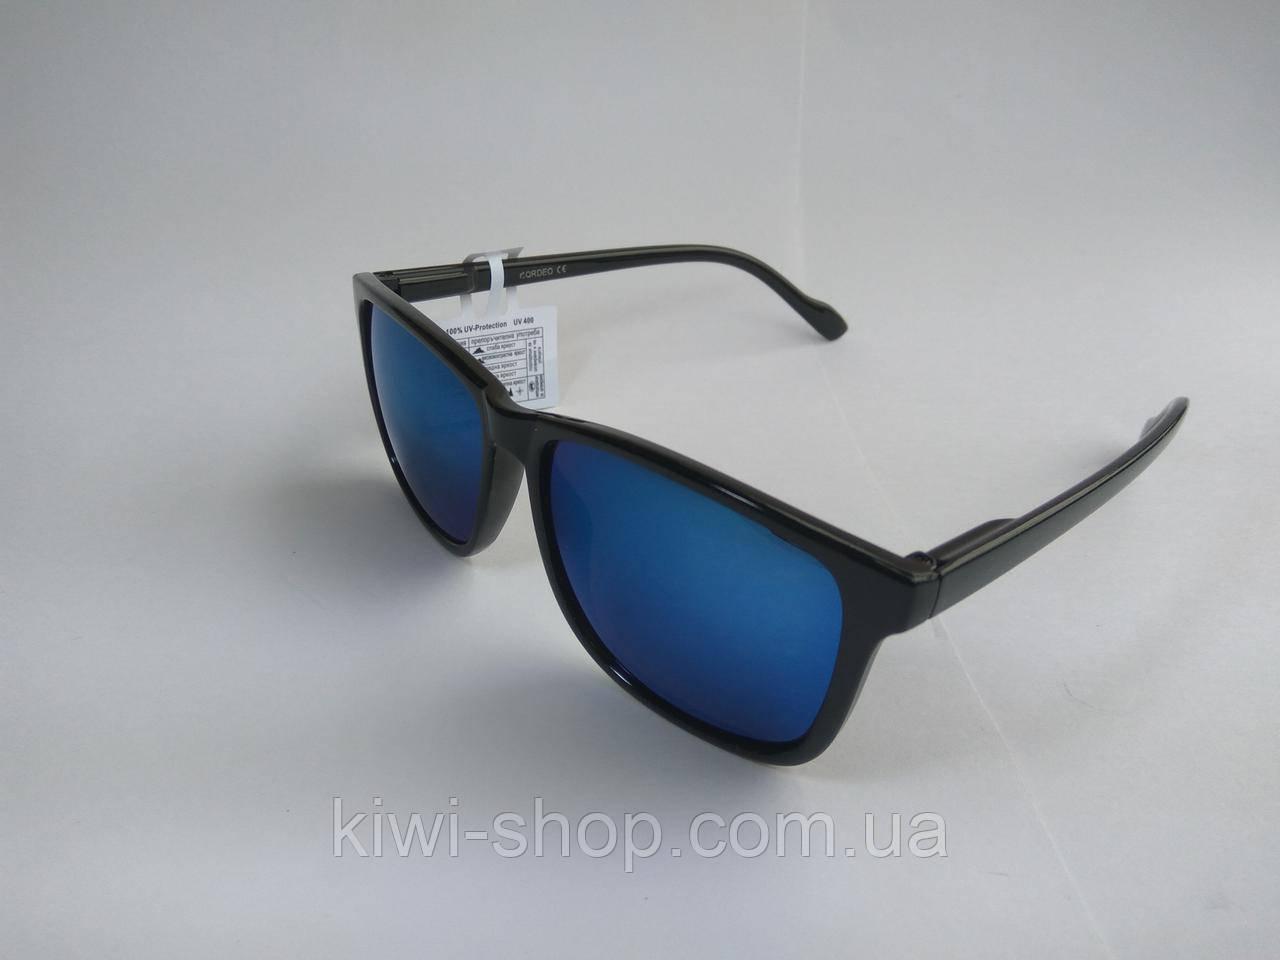 Солнцезащитные Очки Wayfarer Черные с Синим Зеркальным Стеклом (аналог Ray  Ban) — в Категории